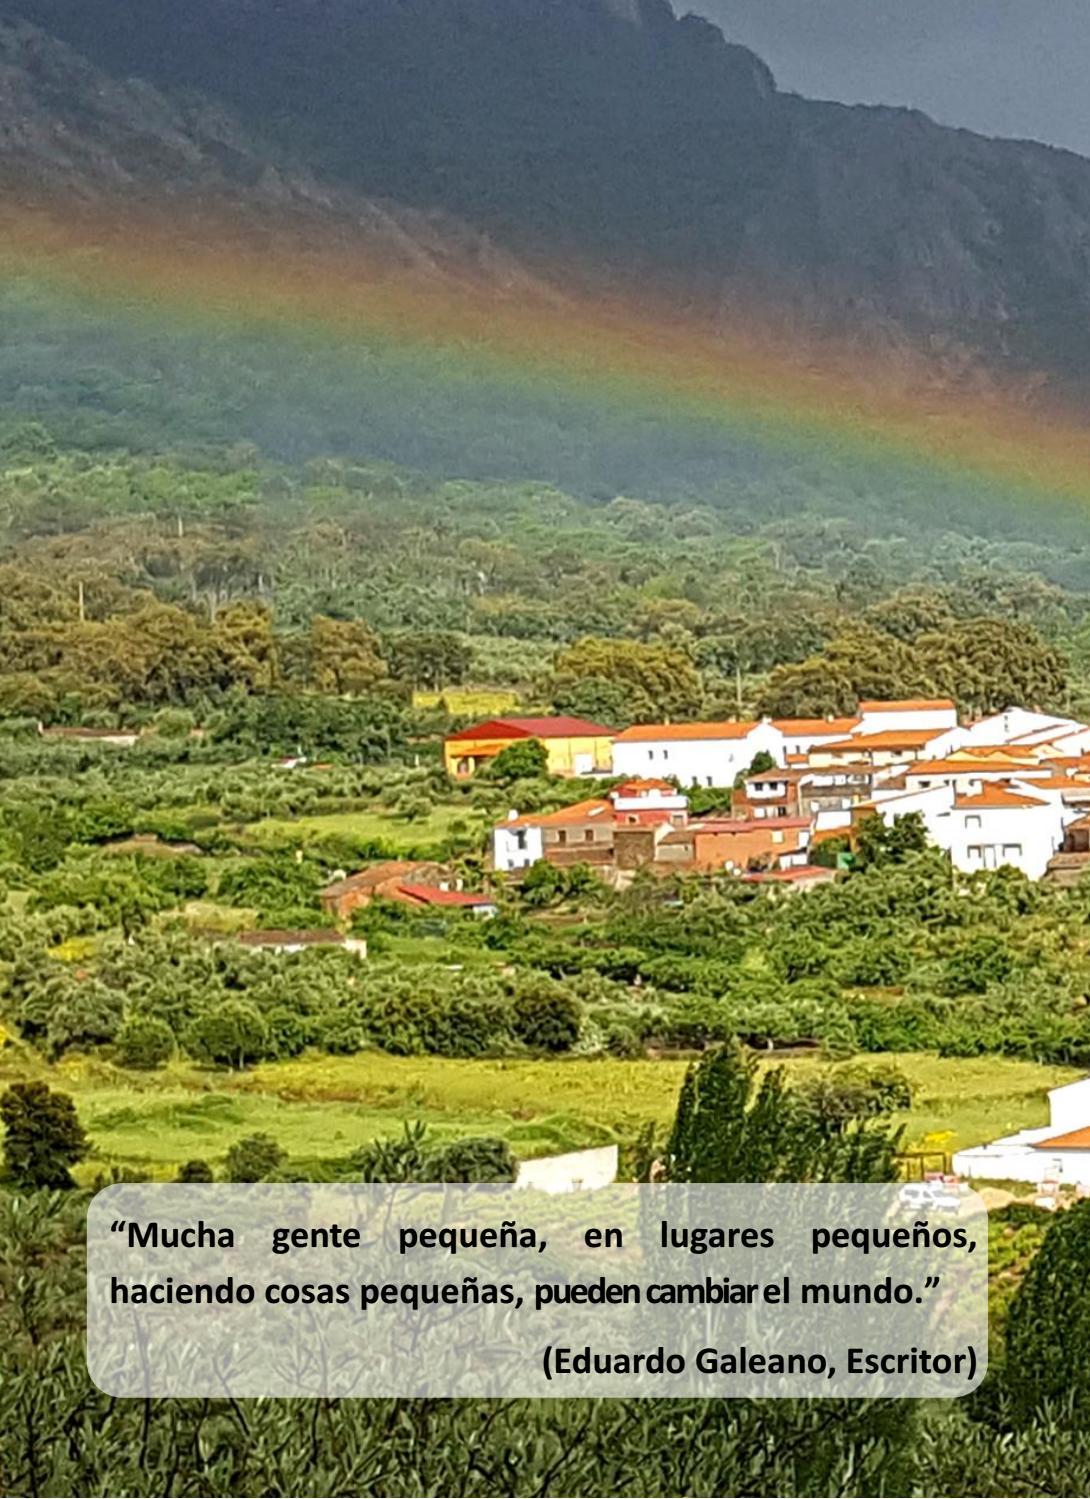 Programa de fiestas en honor a San Fulgencio y Santa Florentina 2018 - Berzocana 20